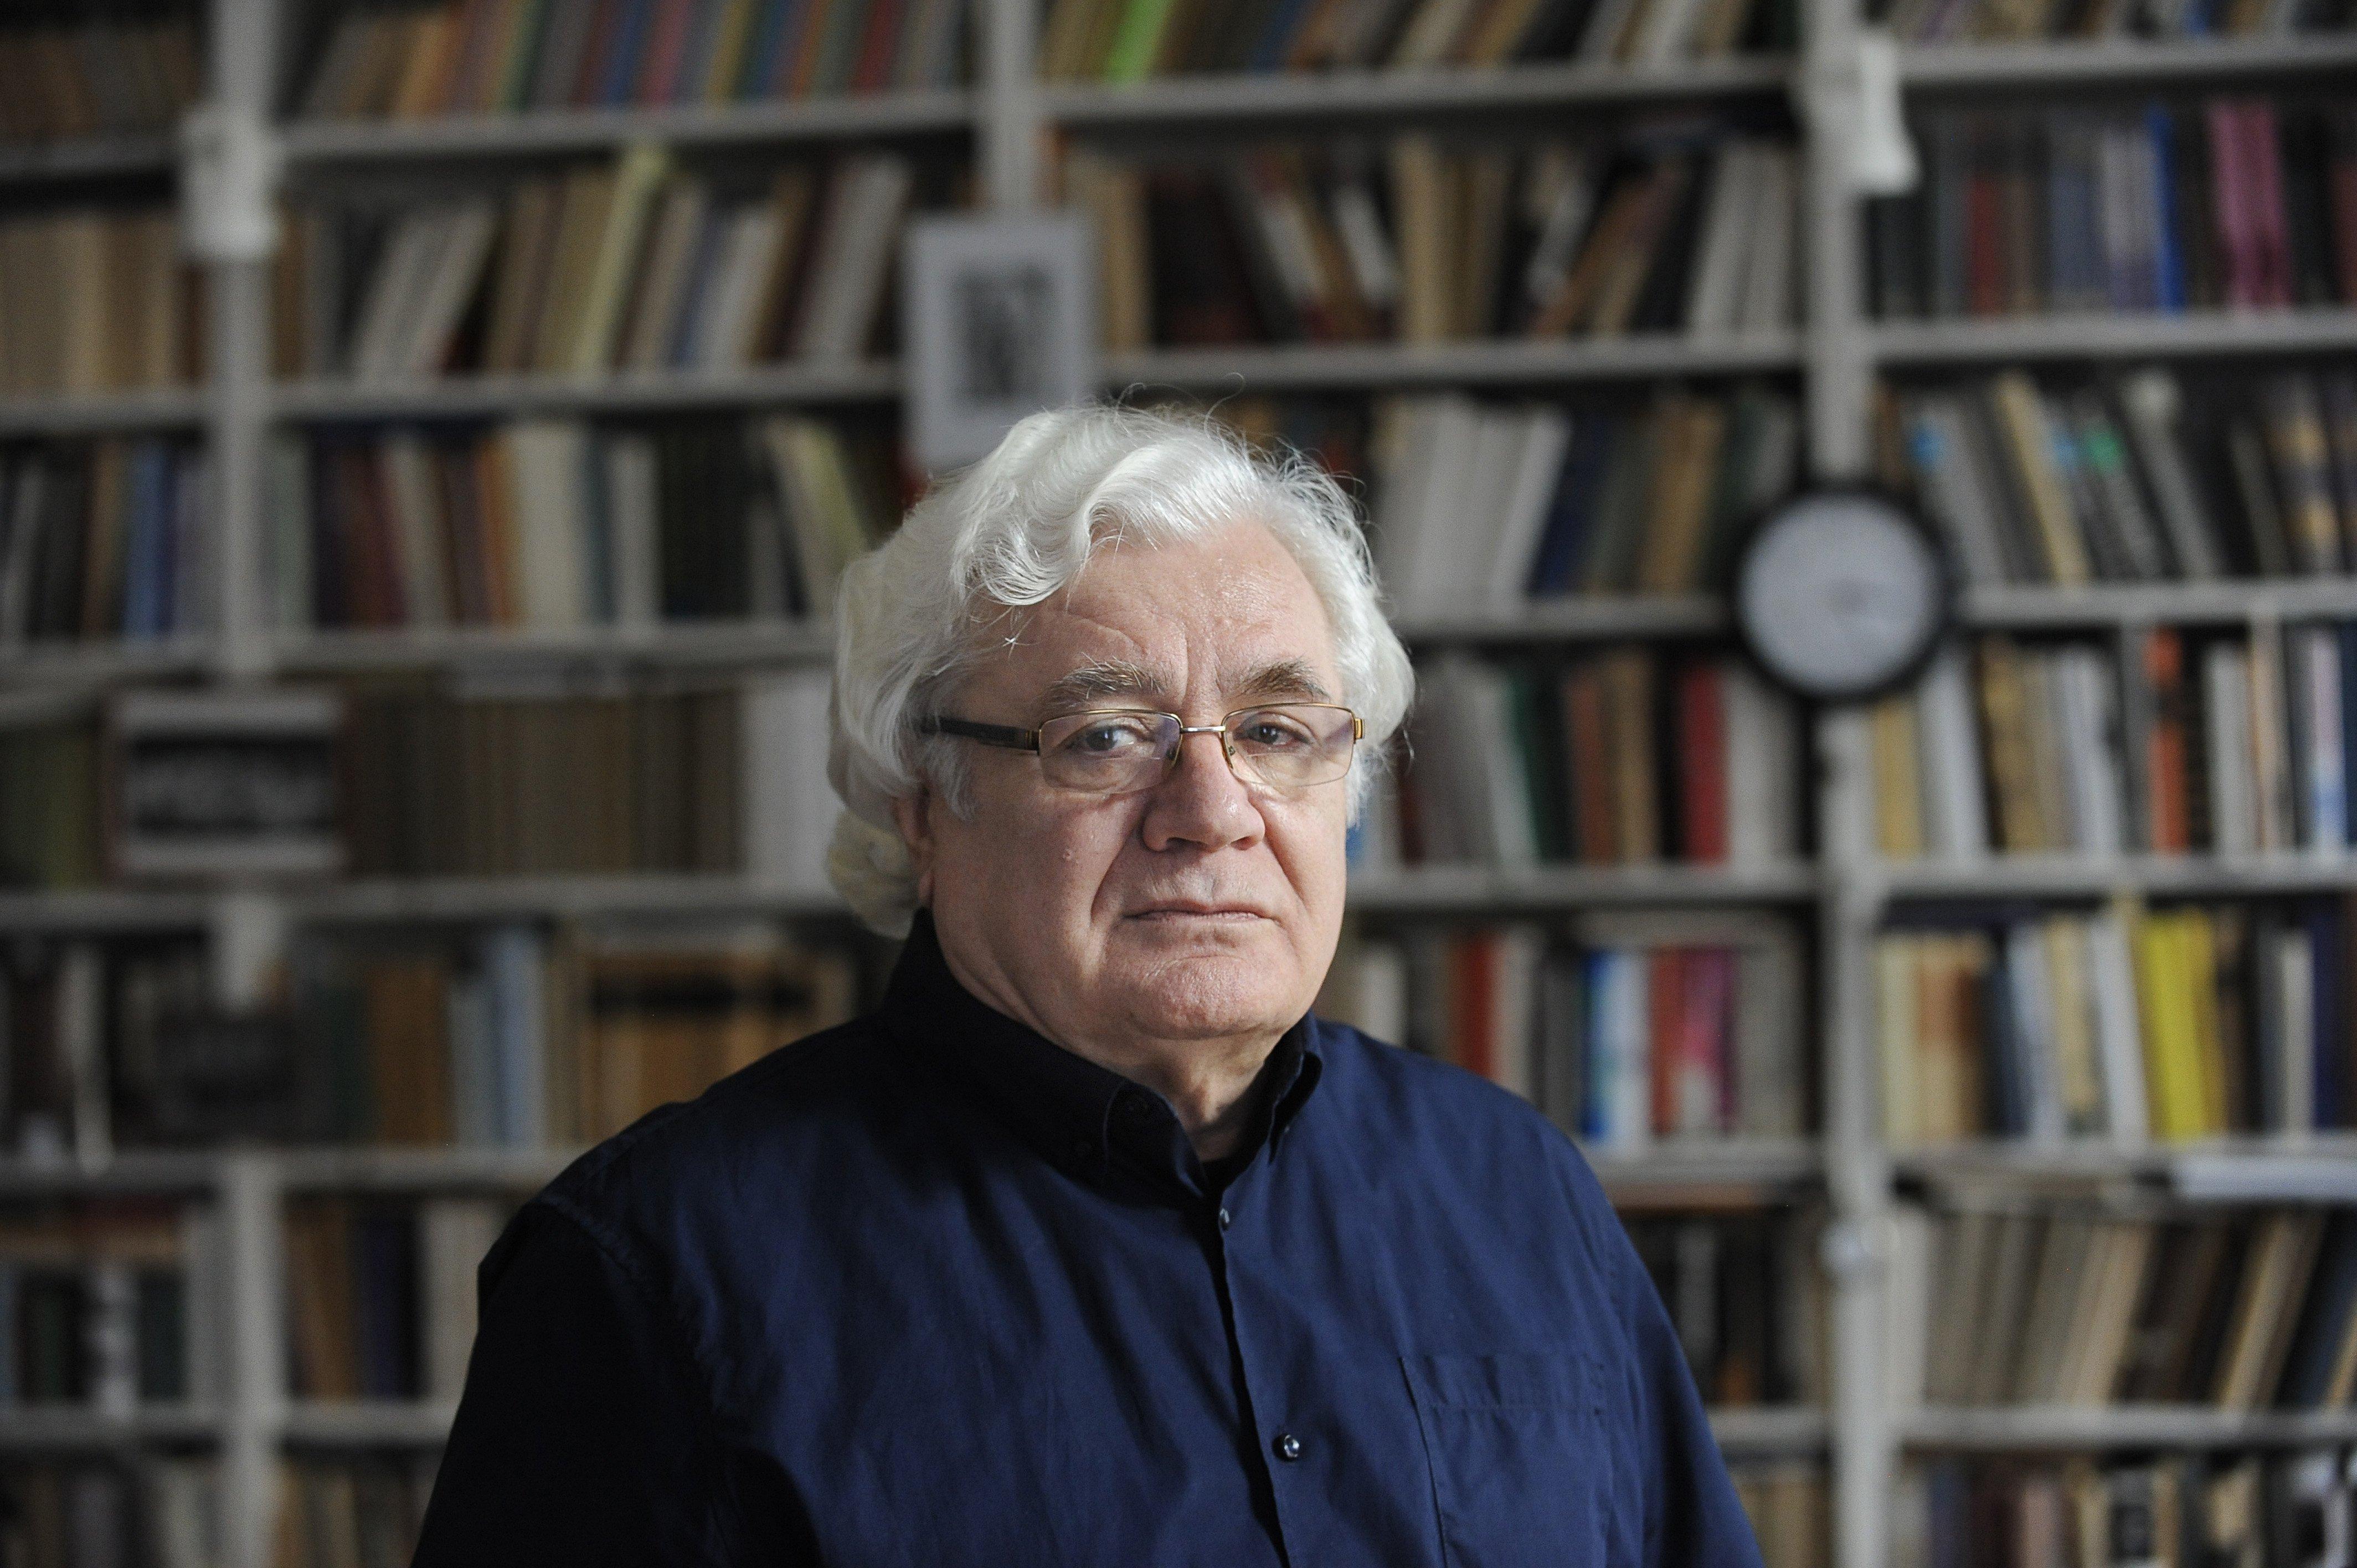 Felbontja szerződését az SZFE-vel a legendás rendező és tanár, Székely Gábor